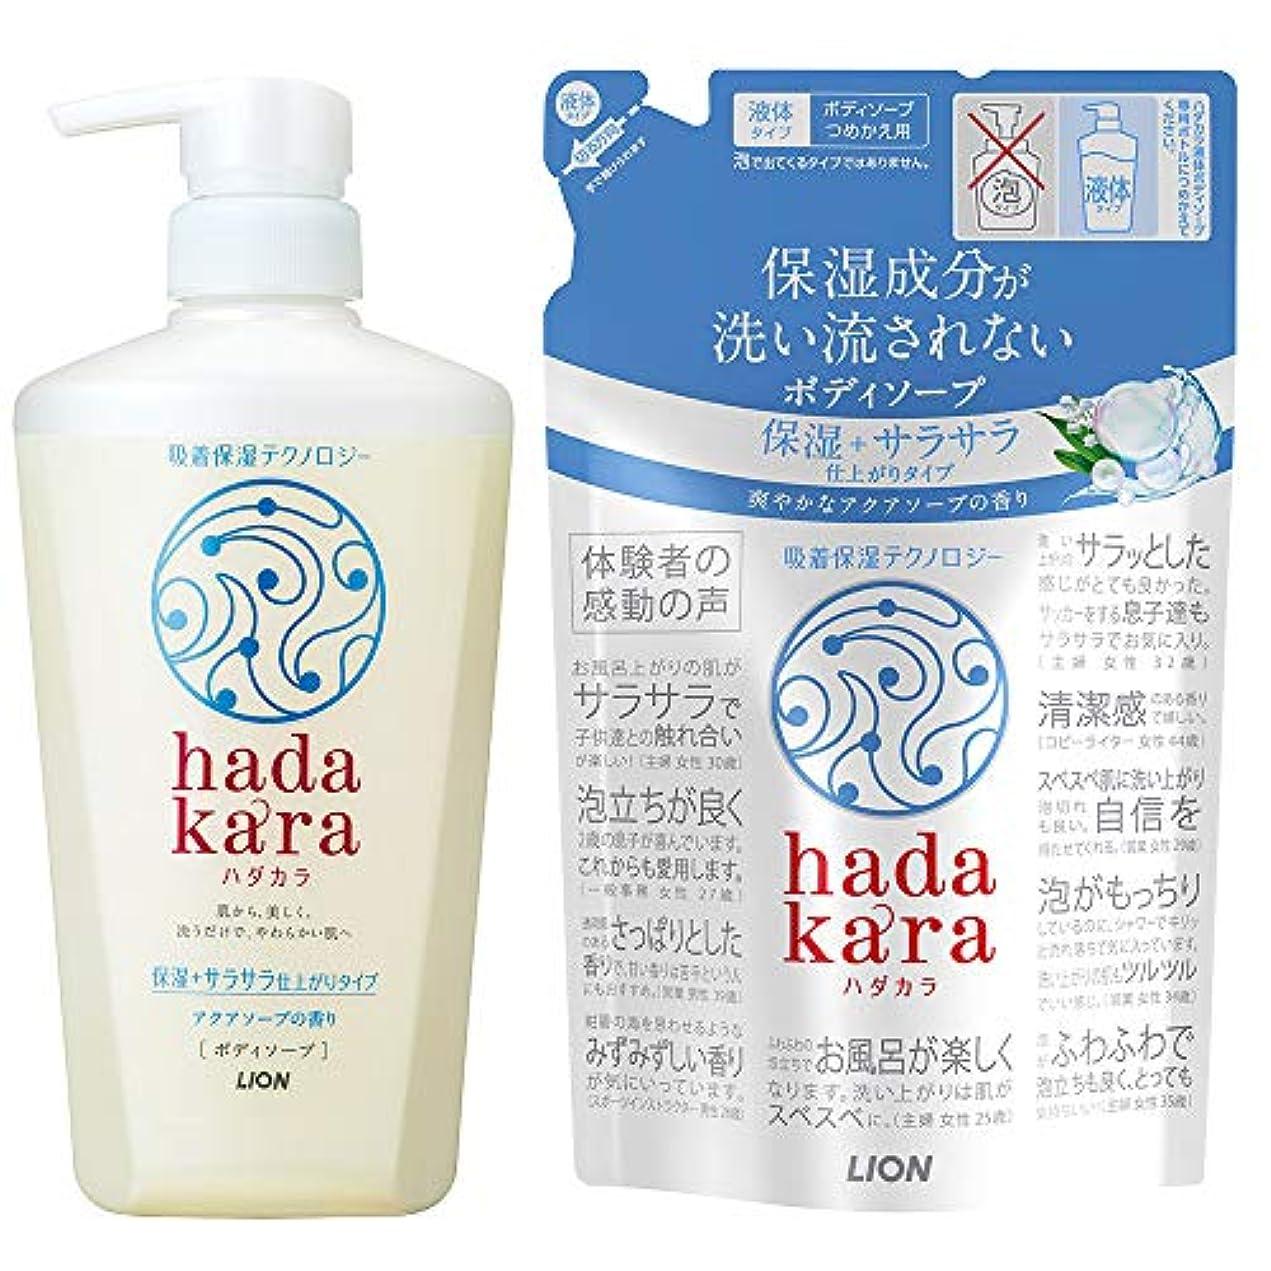 どうやって感じる車両hadakara(ハダカラ) ボディソープ 保湿+サラサラ仕上がりタイプ アクアソープの香り (本体480ml+つめかえ340ml) アクアソープ(保湿+サラサラ仕上がり) +